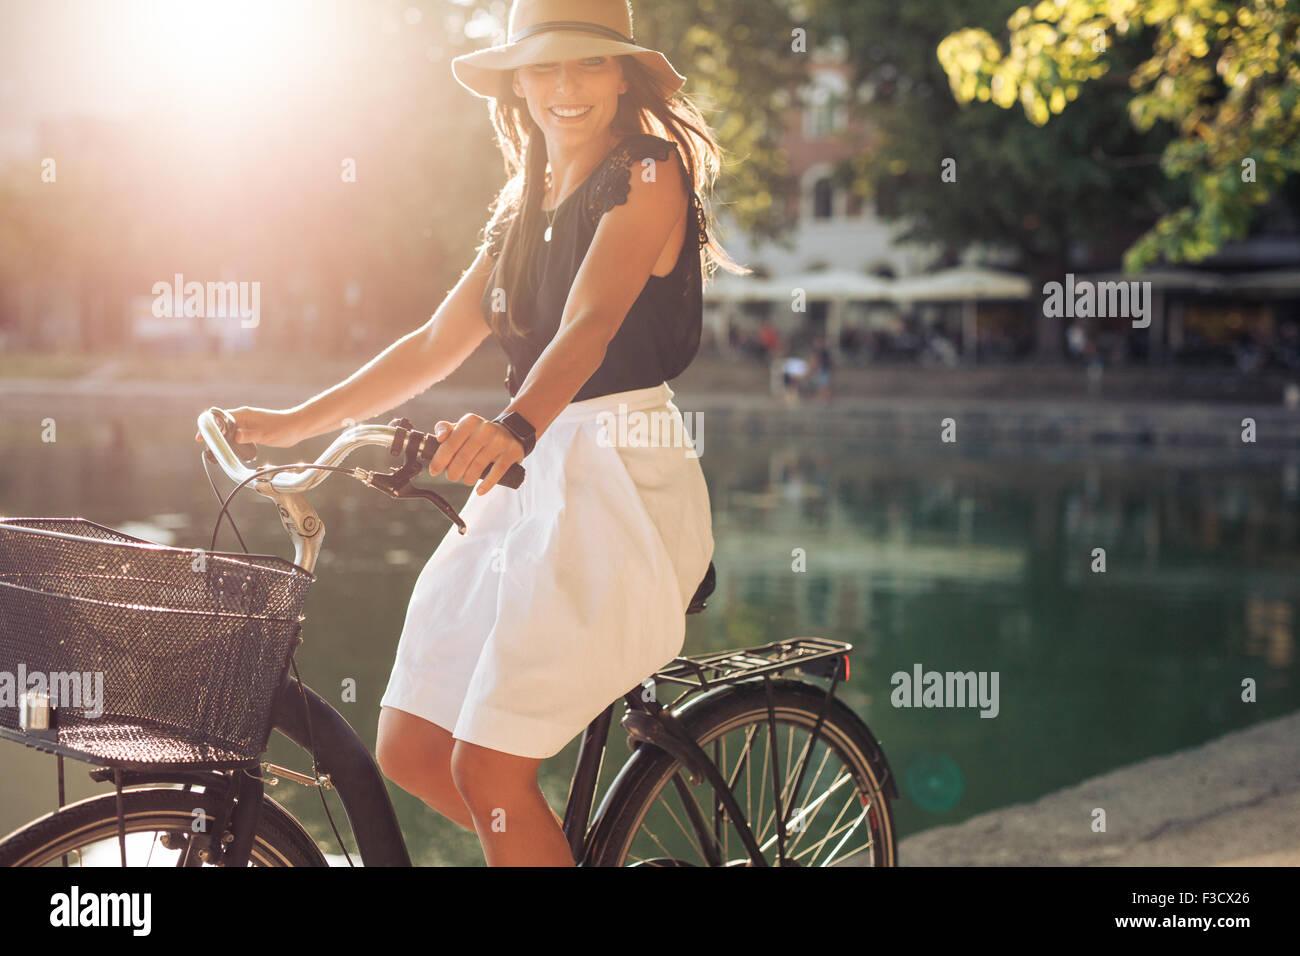 Retrato de mujer joven feliz en bicicleta por un estanque. Mujer con sombrero en un día de verano montando Imagen De Stock